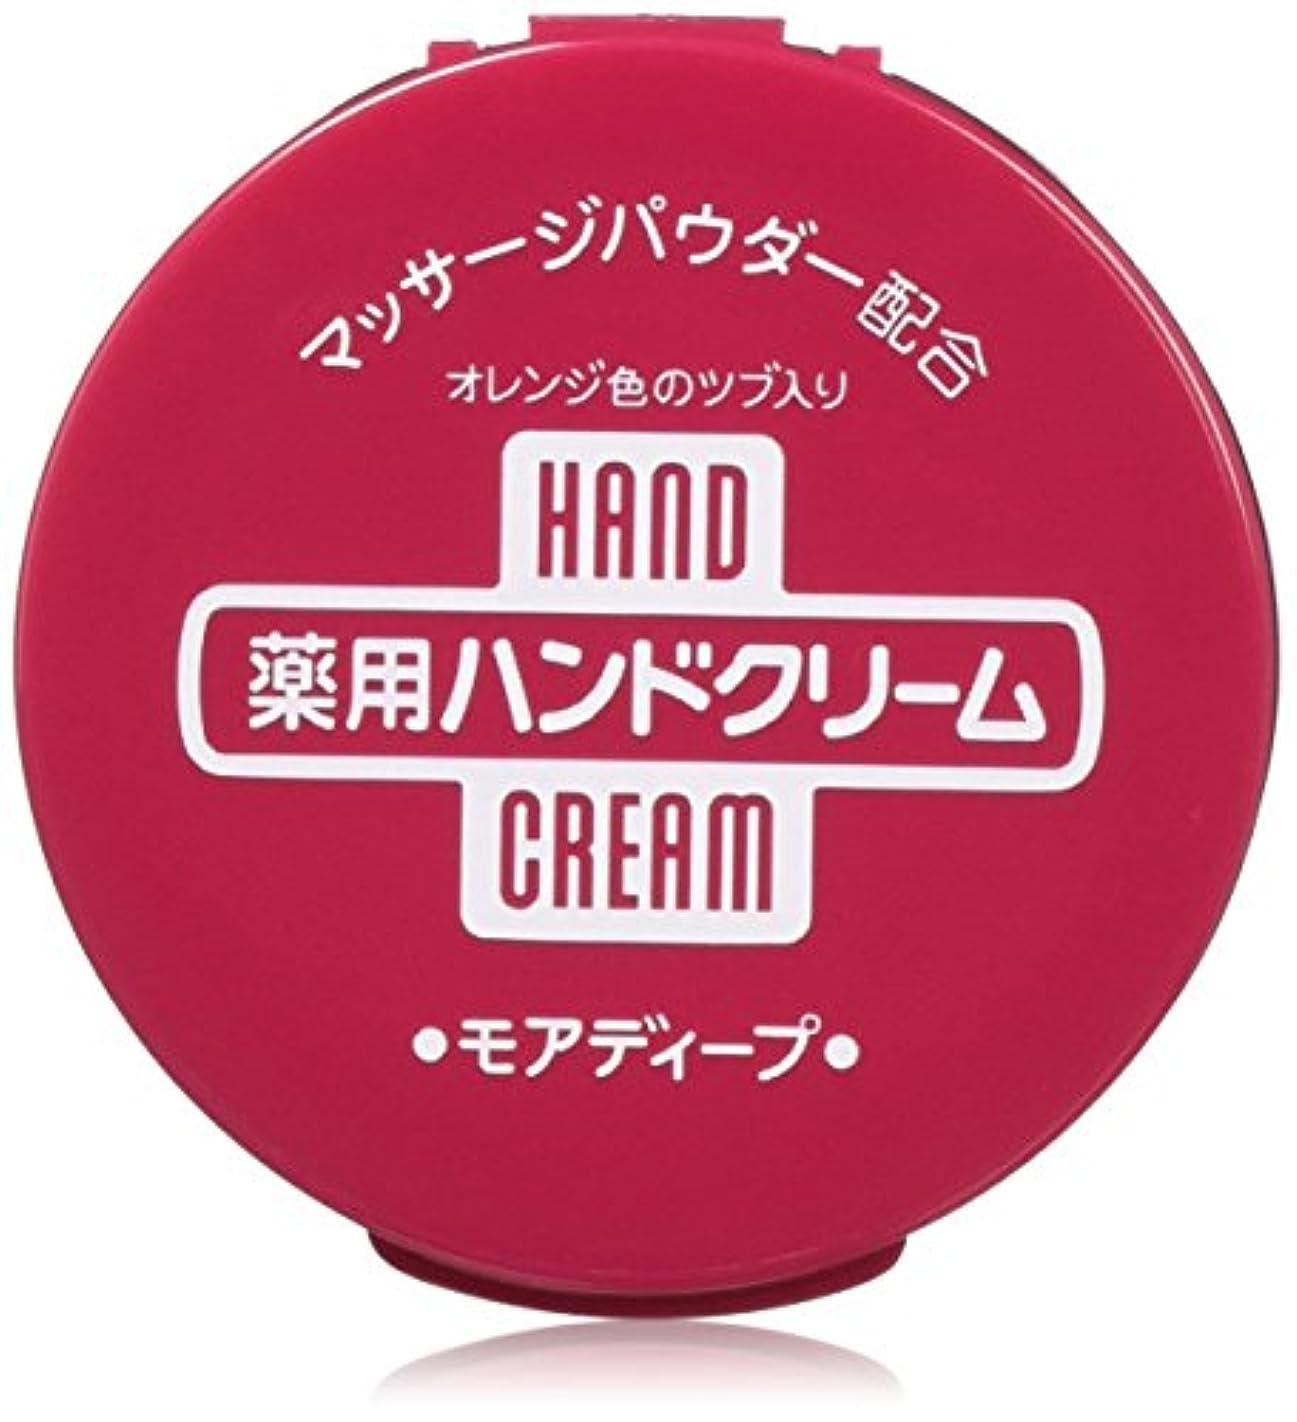 甘くするカレッジ永久【まとめ買い】薬用ハンドクリーム モアディープ 100g×12個